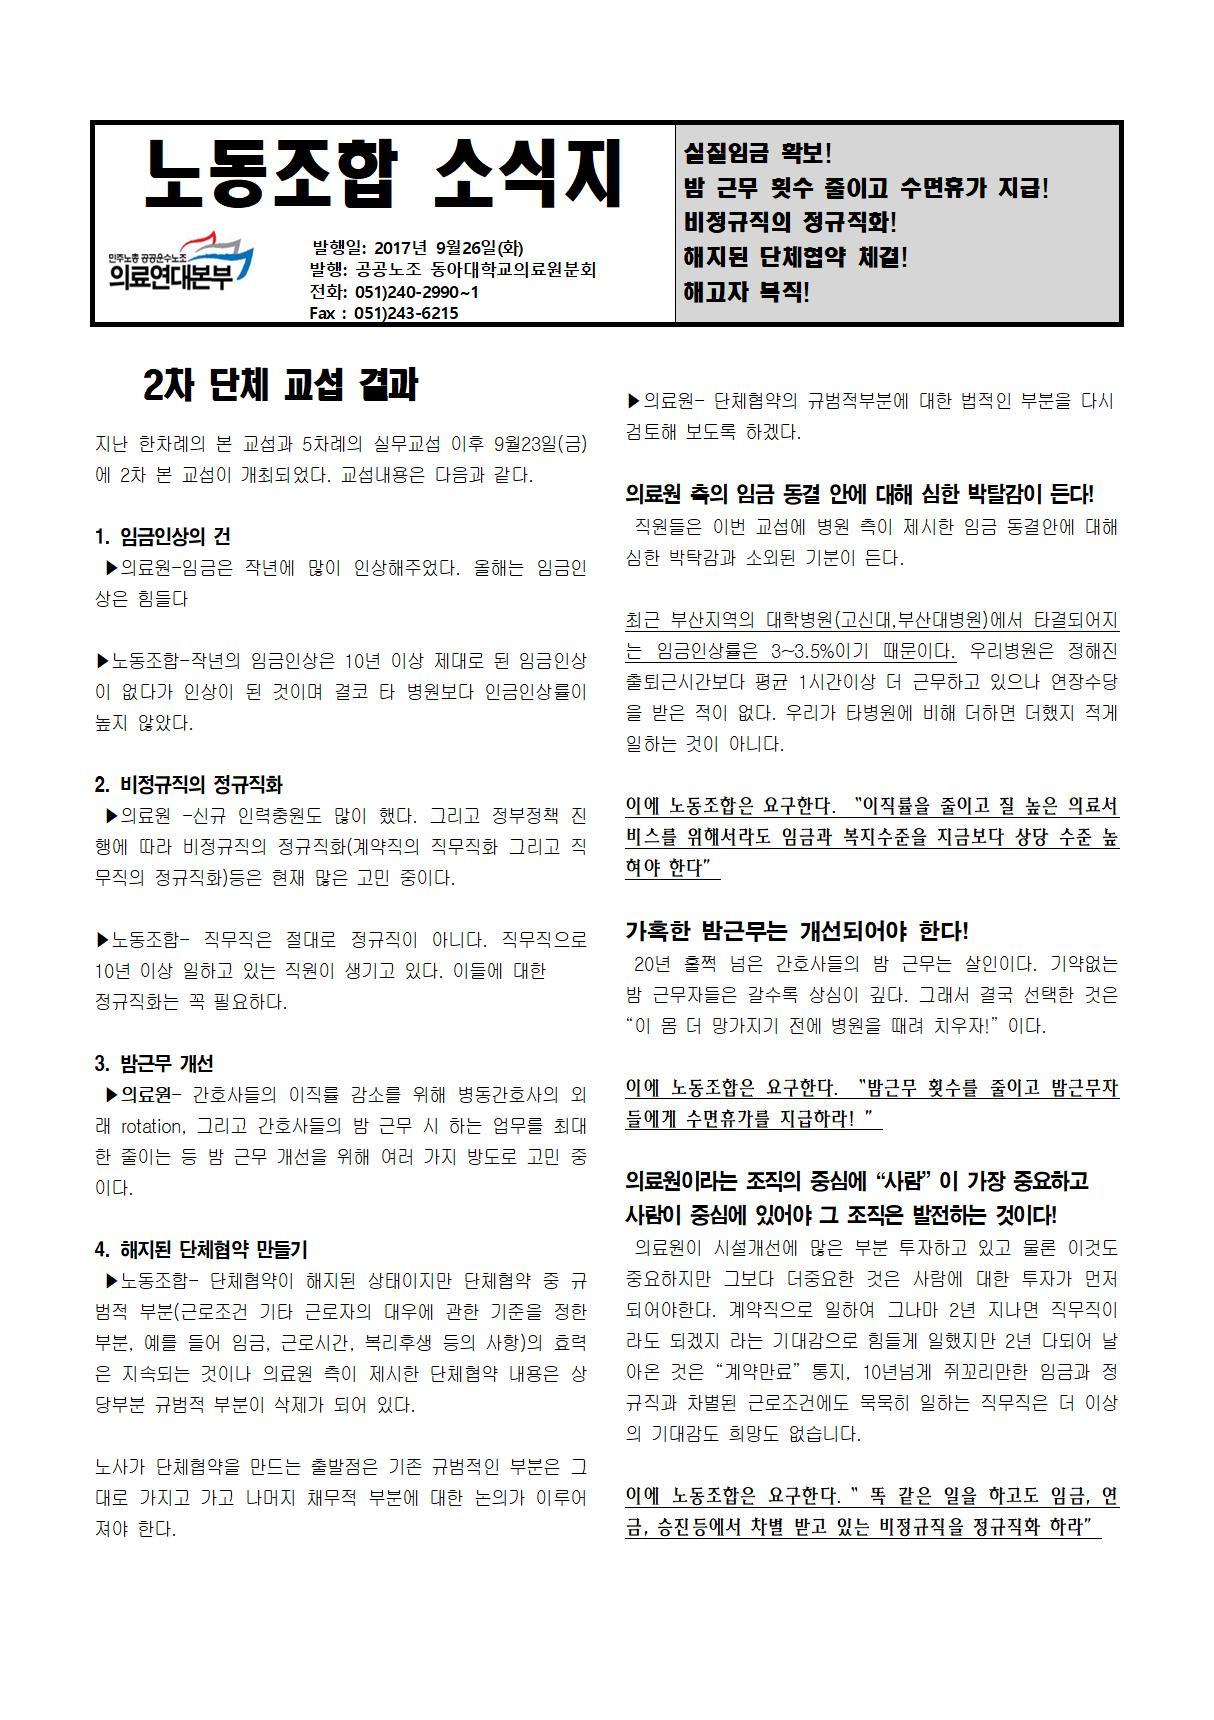 동아대병원분회 소식지 2호(앞)001.jpg